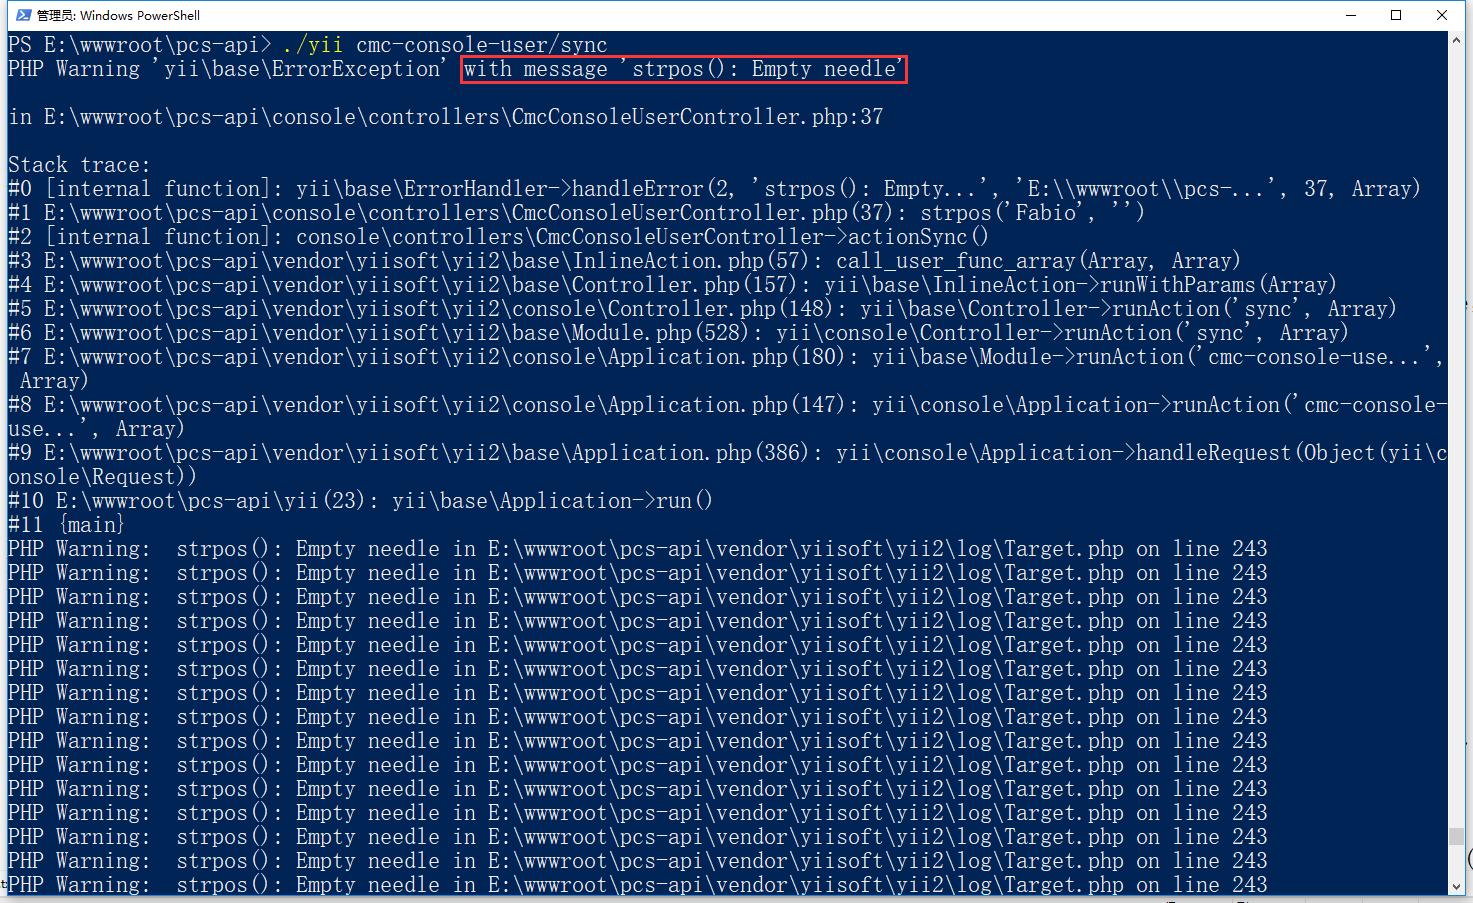 在命令行中编辑,在控制台命令行中一旦抛出异常,写入日志时,就会报错:PHP Warning:  strpos(): Empty needle